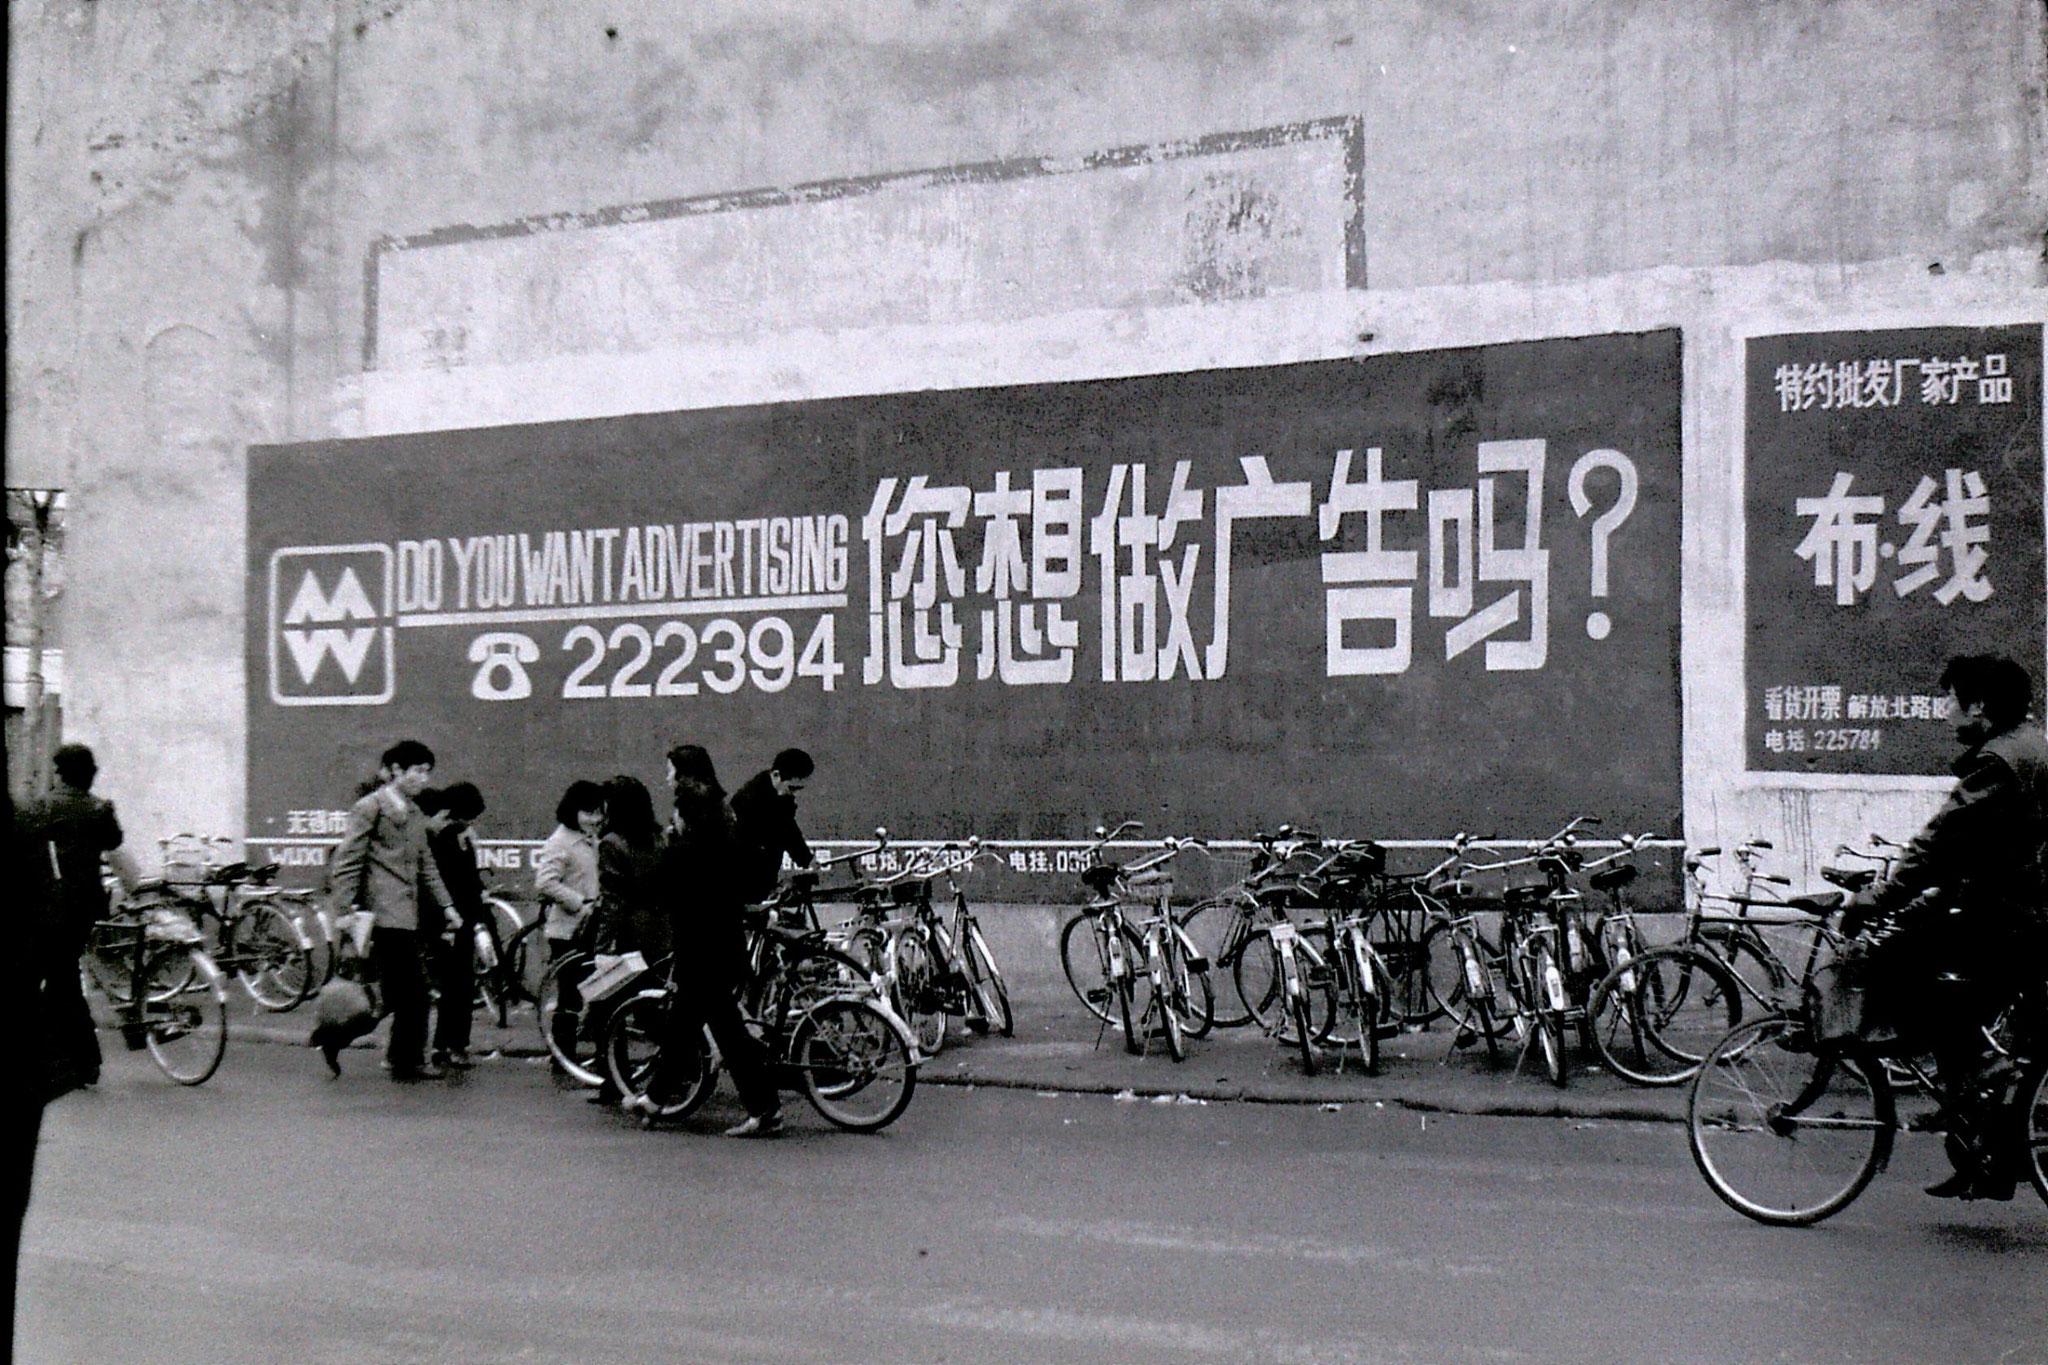 19/3/1989: 9: Wuxi advert